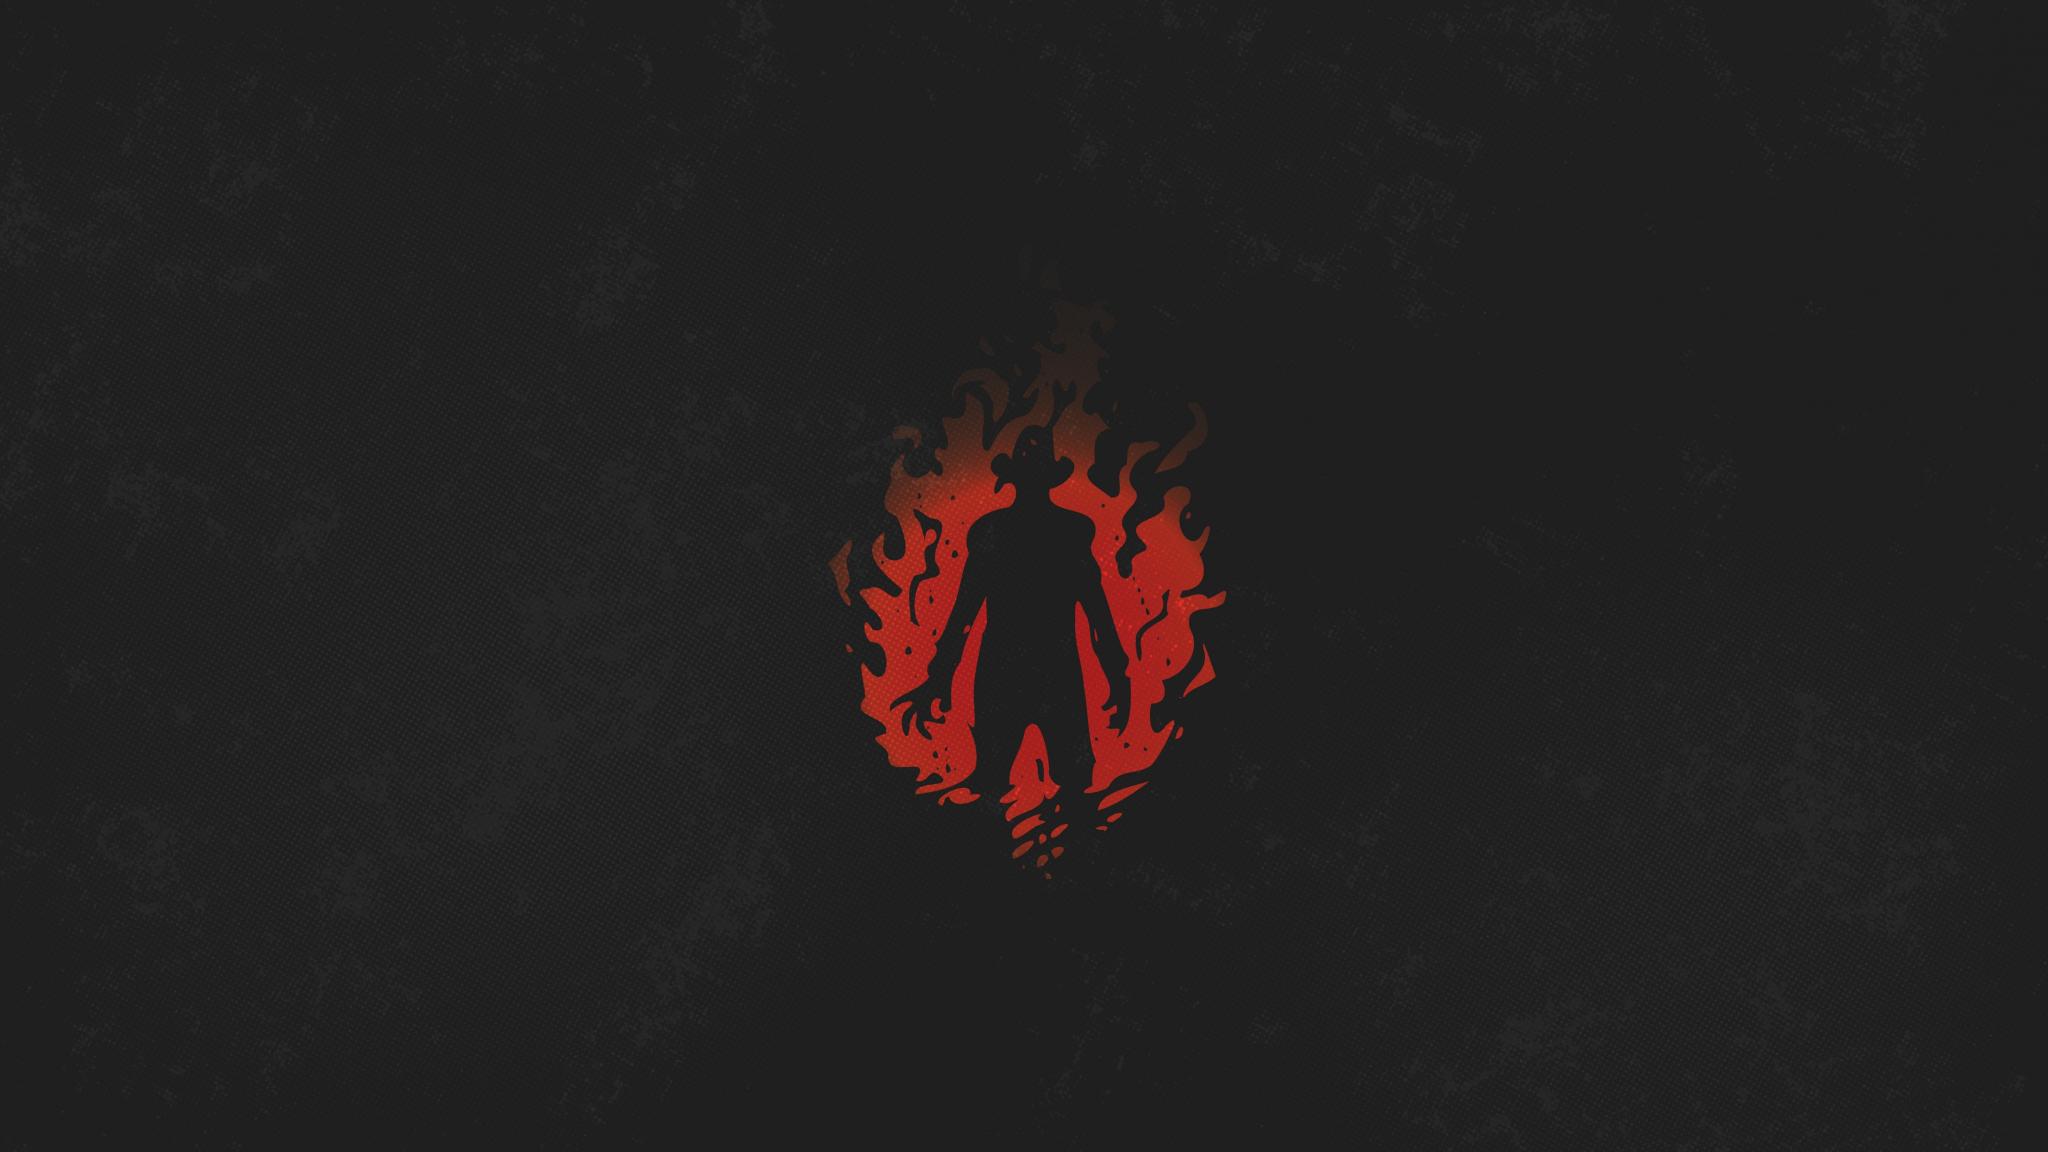 2048x1152 The Walking Dead Tv 2048x1152 Resolution Hd 4k – Fondos de